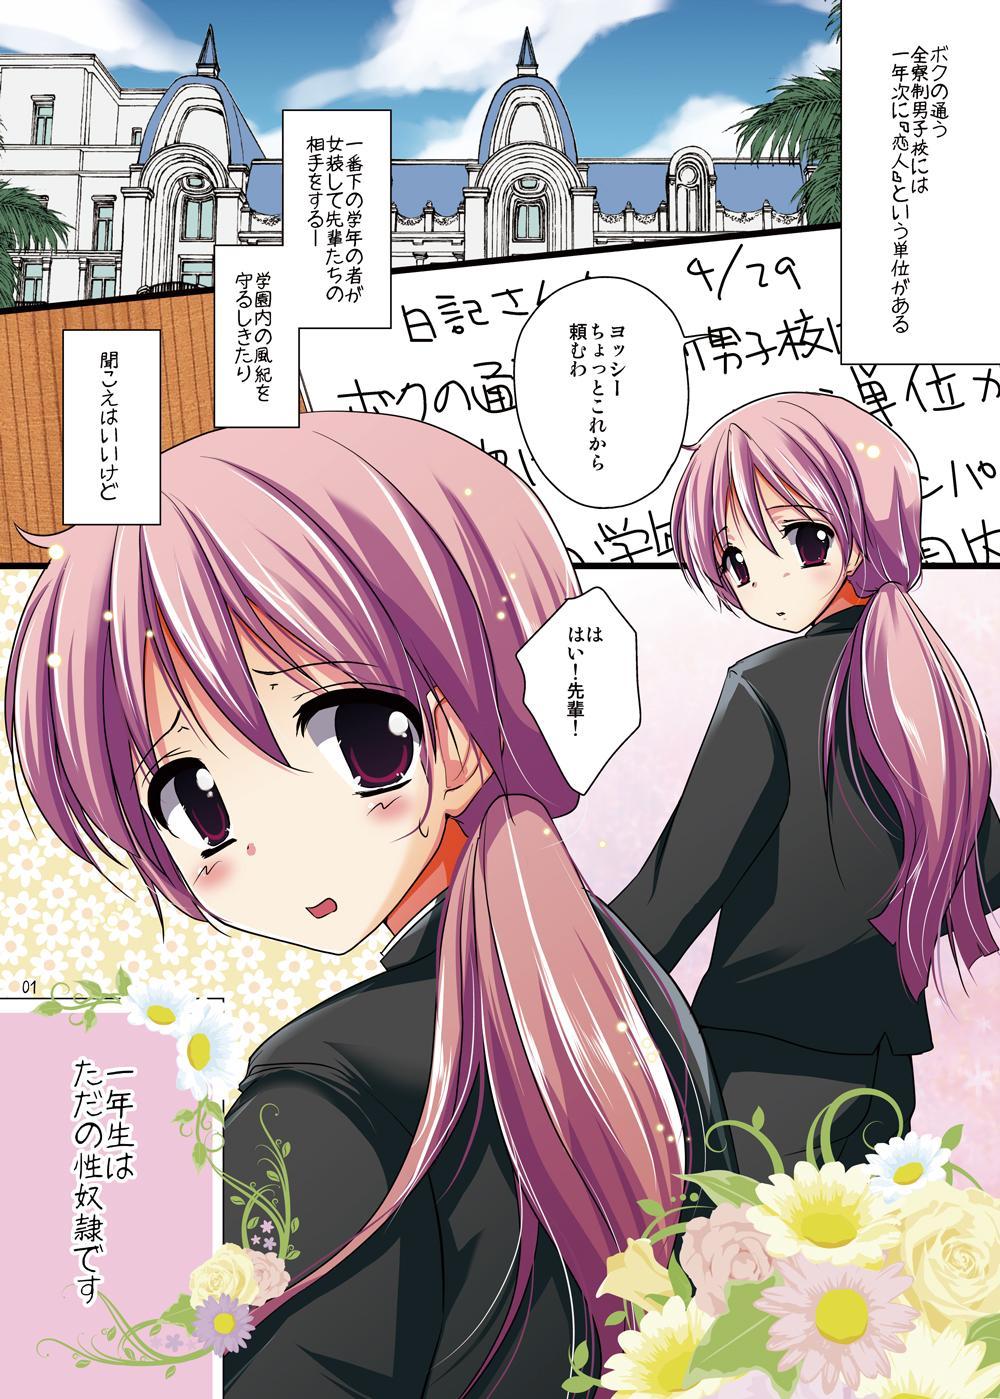 Zenryousei Danshikou de Senpai no Nikudorei na Josou Shounen ga Ahegao Double Peace 1